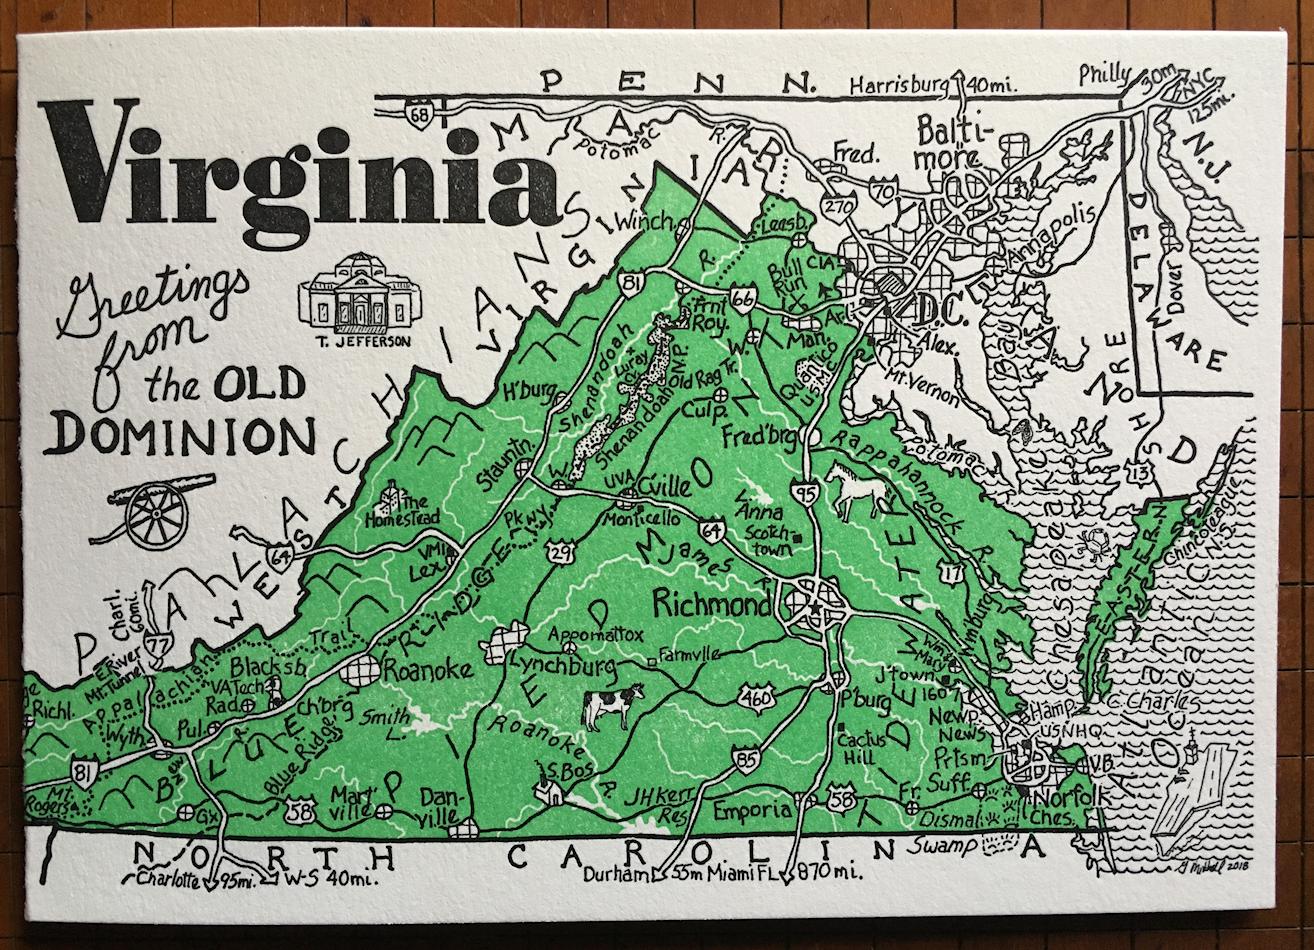 Virginia Letterpress